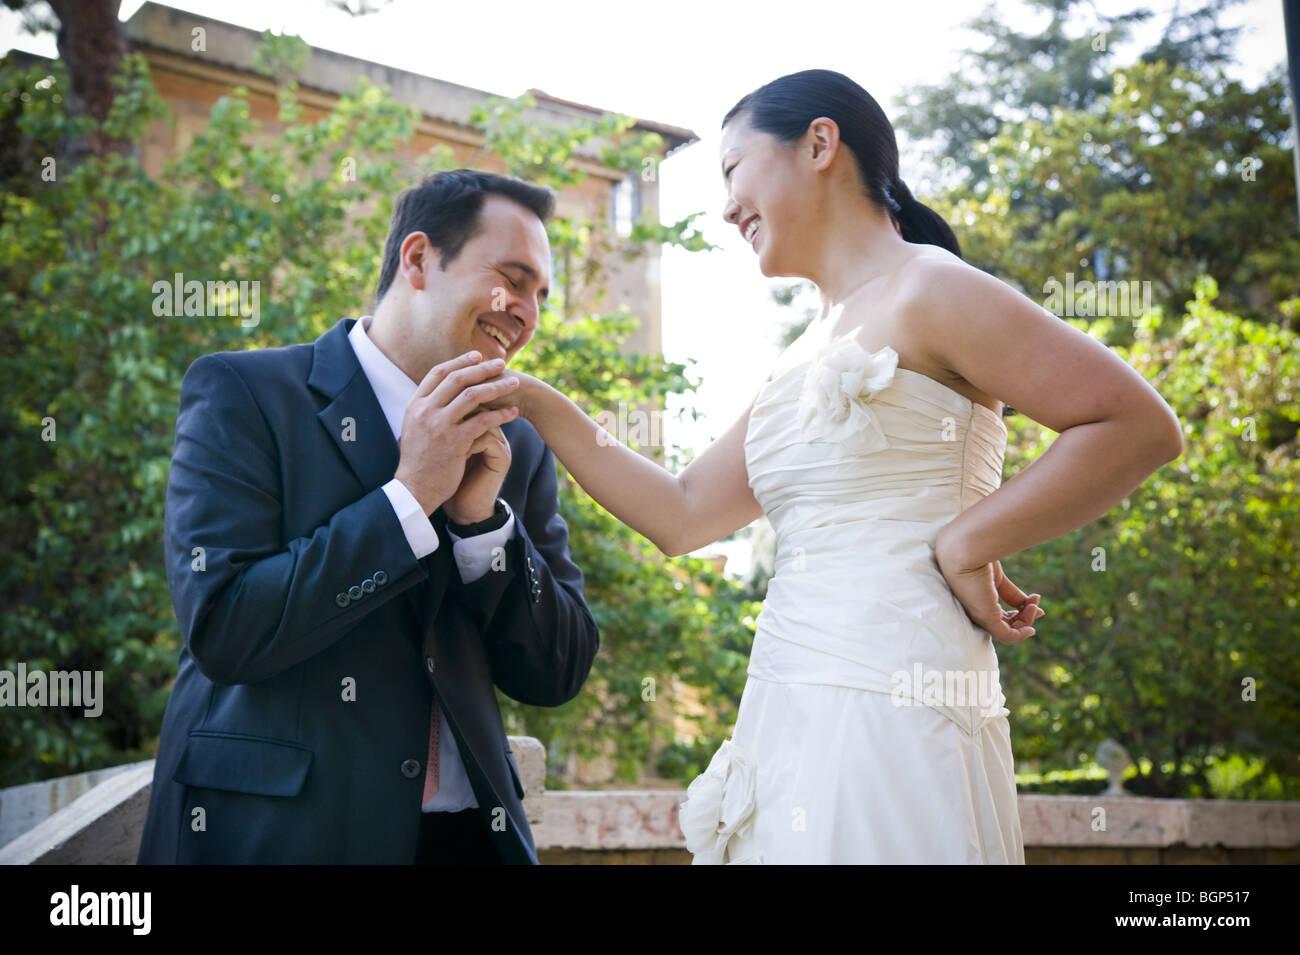 Mann schlägt asiatische Frau im Freien Stockbild